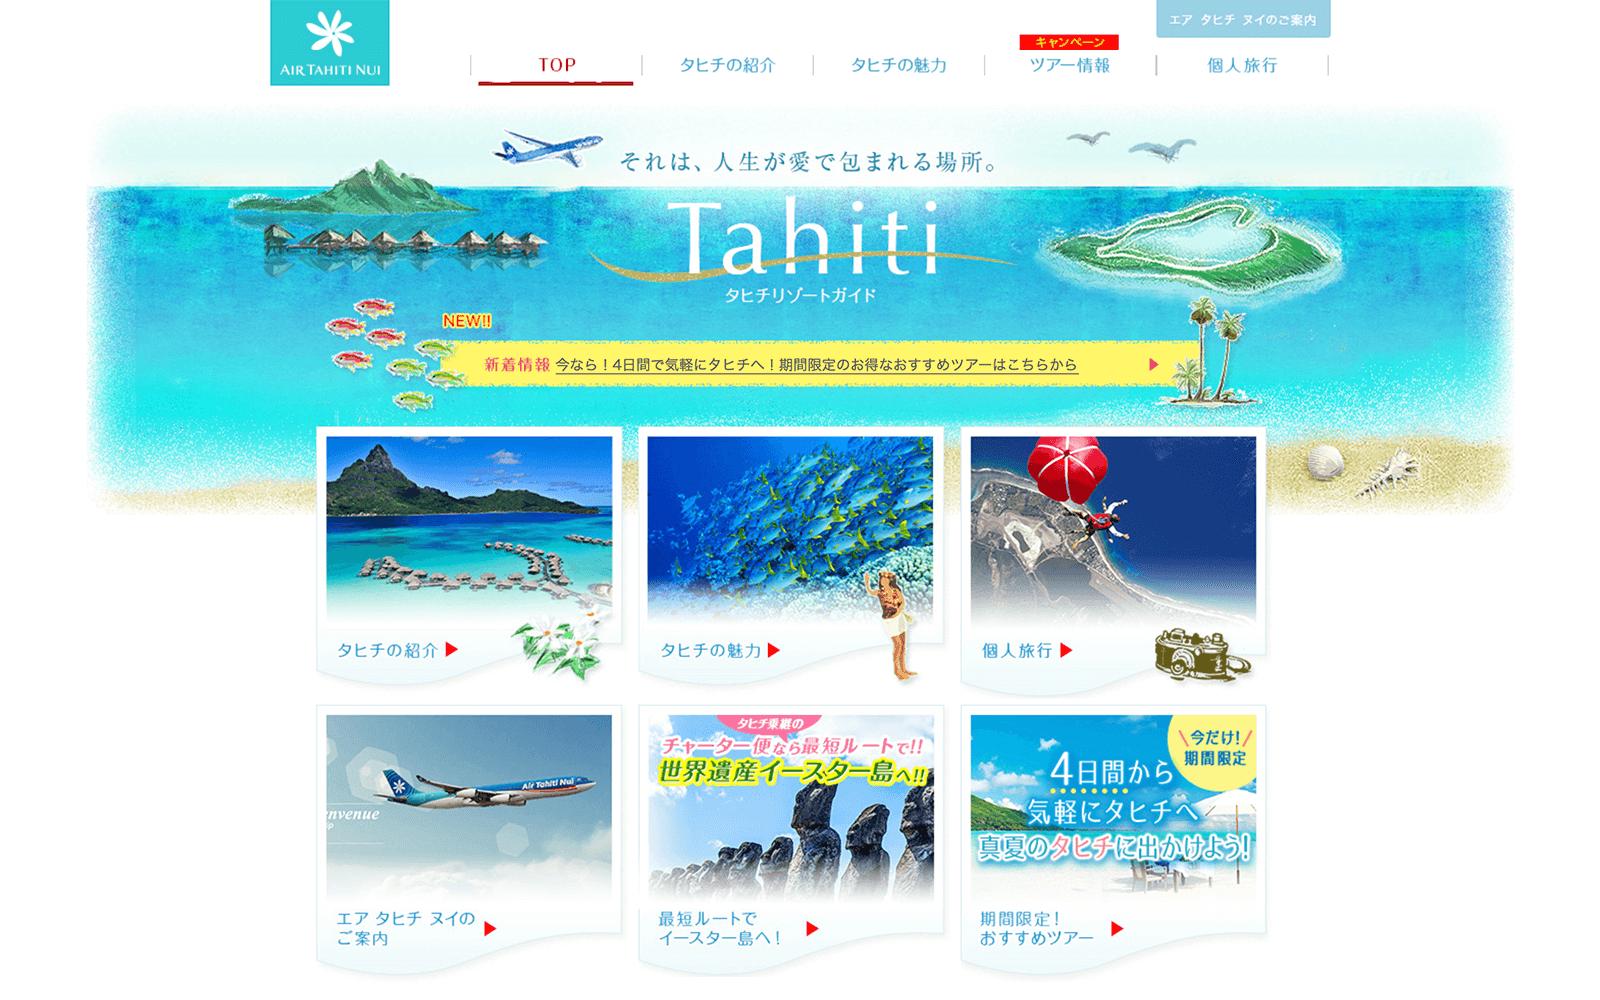 Air Tahiti Nui キャンペーンページ・リーフレット・フォトブック